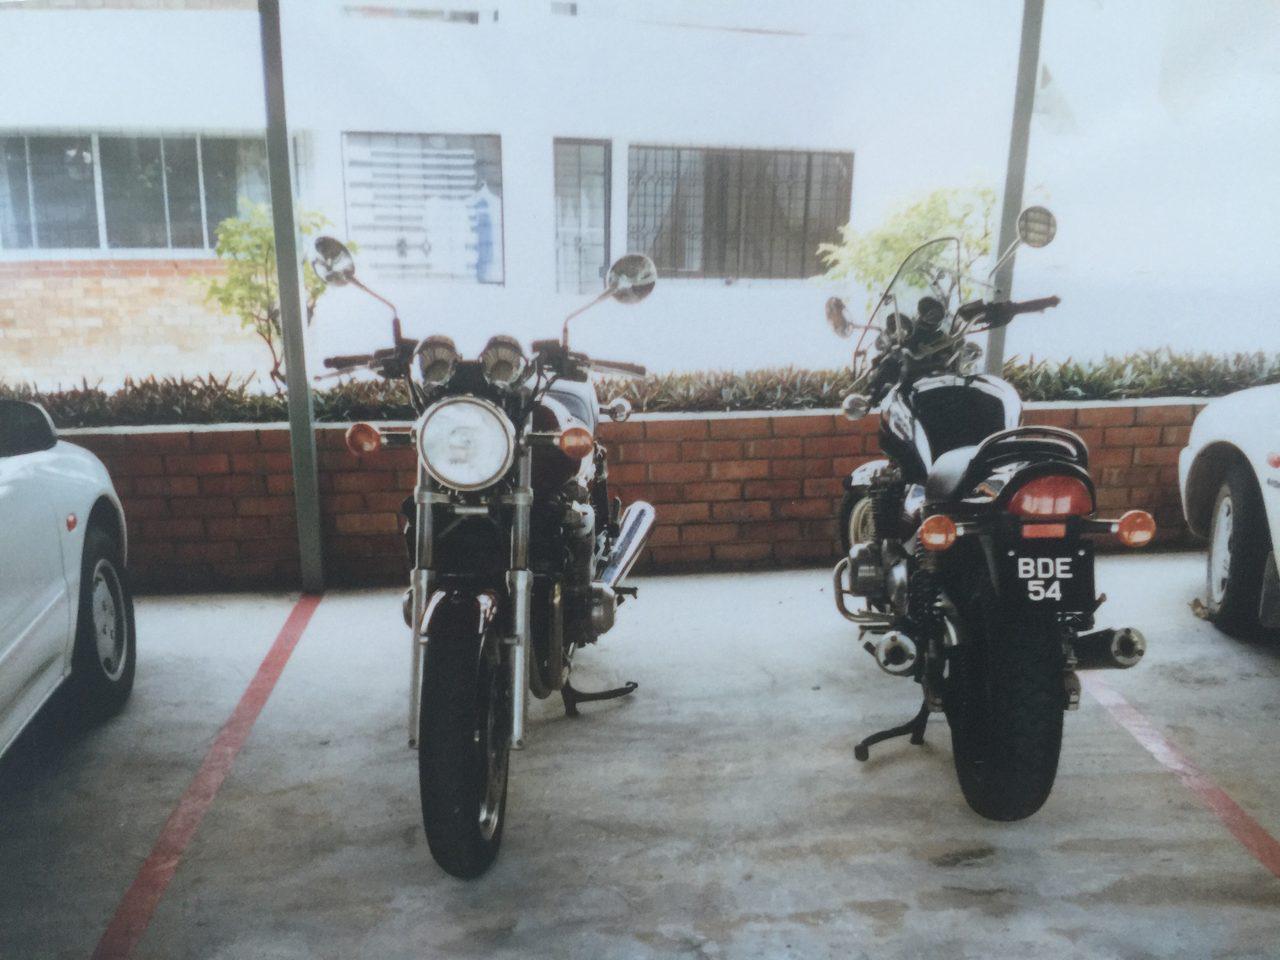 画像: 【僕が愛したオートバイたち】第2回:1995 - 1996年編 - LAWRENCE - Motorcycle x Cars + α = Your Life.